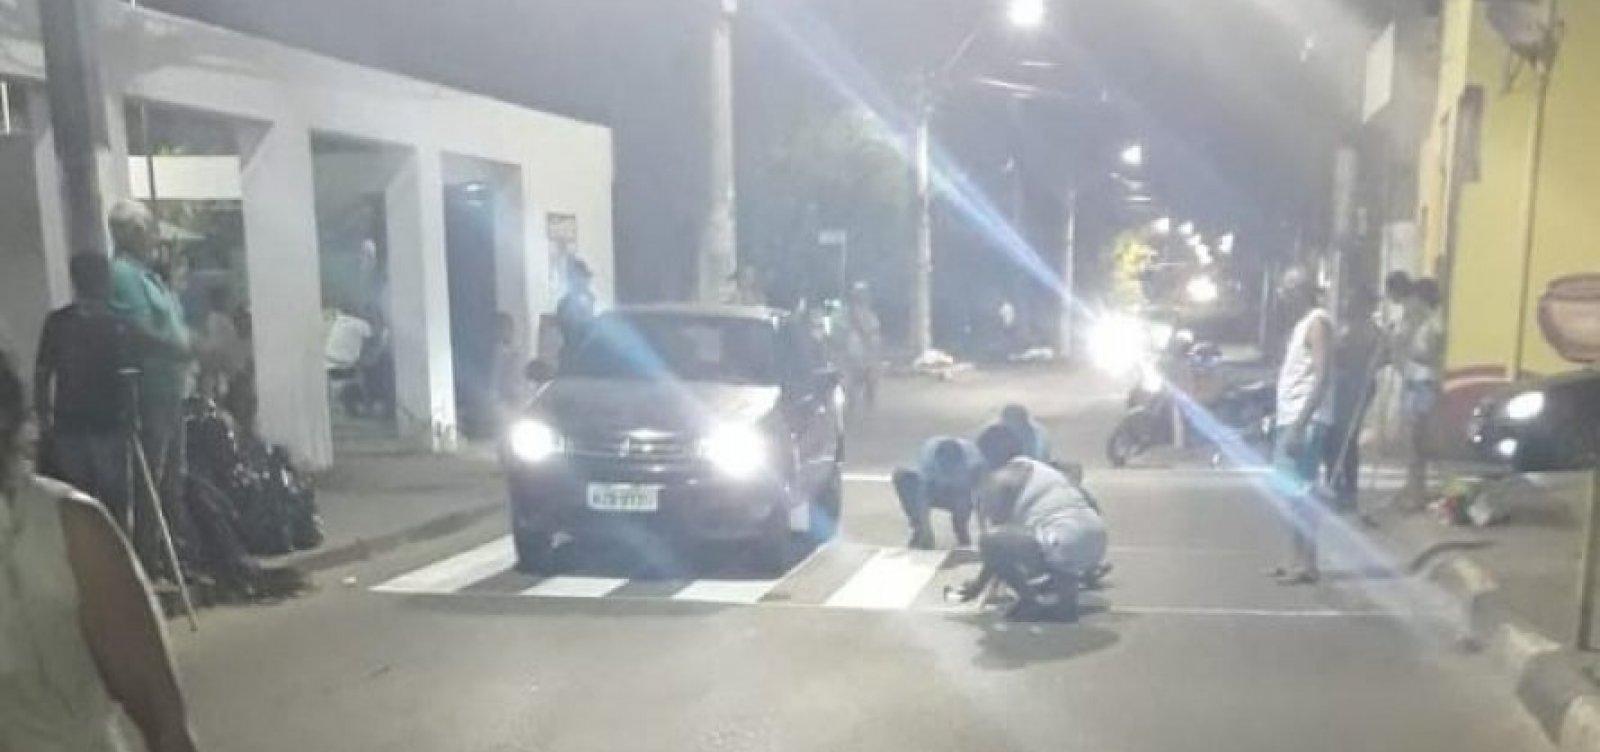 Vídeo: Moradores param o trânsito para pintar faixa de pedestre em Lauro de Freitas